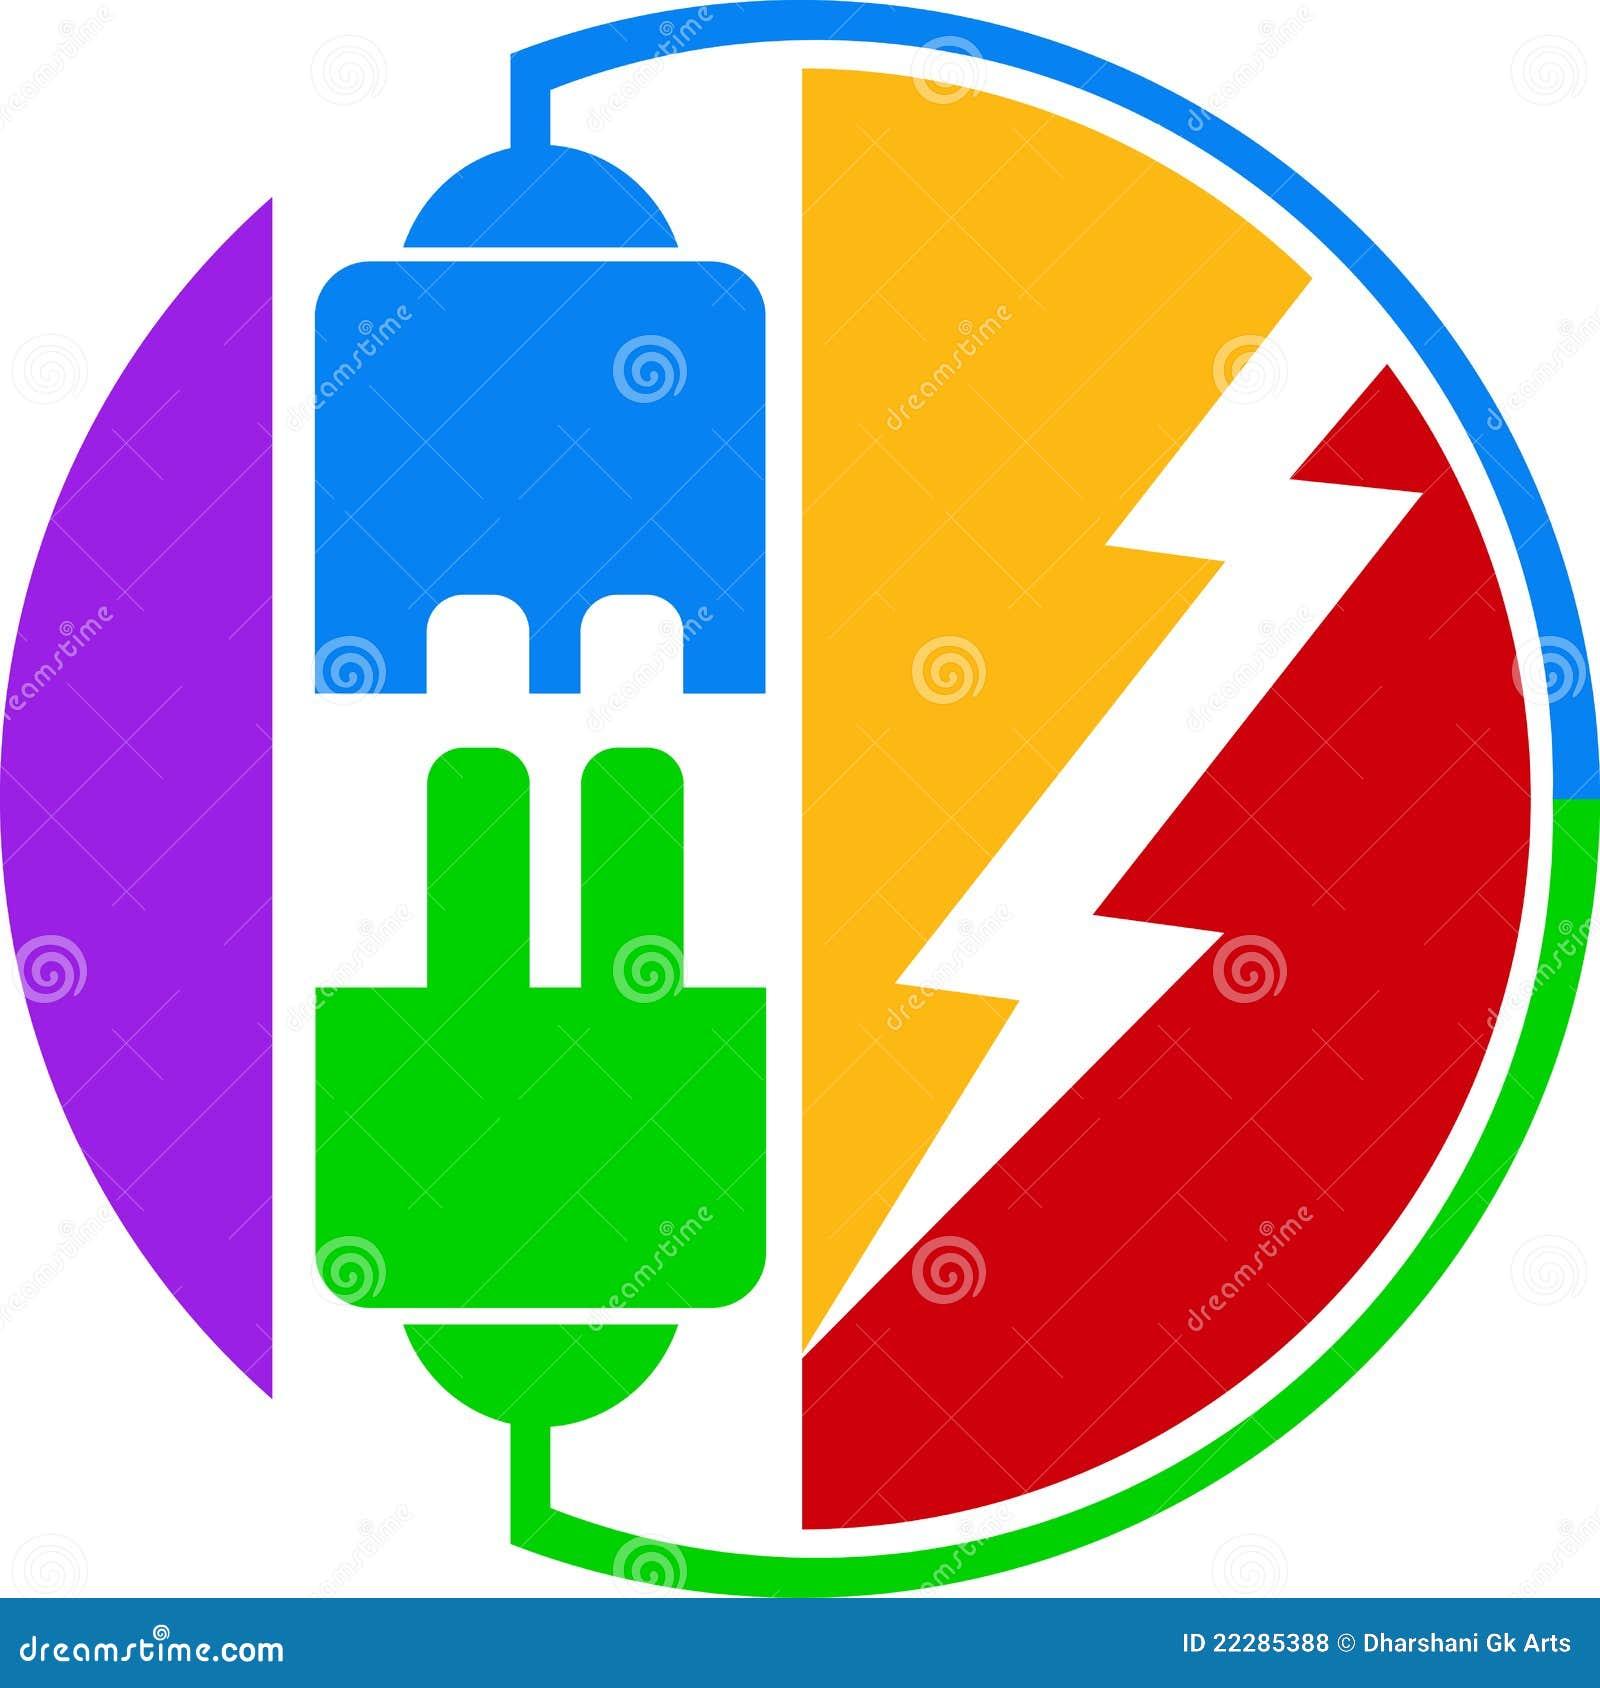 Plug Power Stock Quote: Power Plug Logo Royalty Free Stock Photos